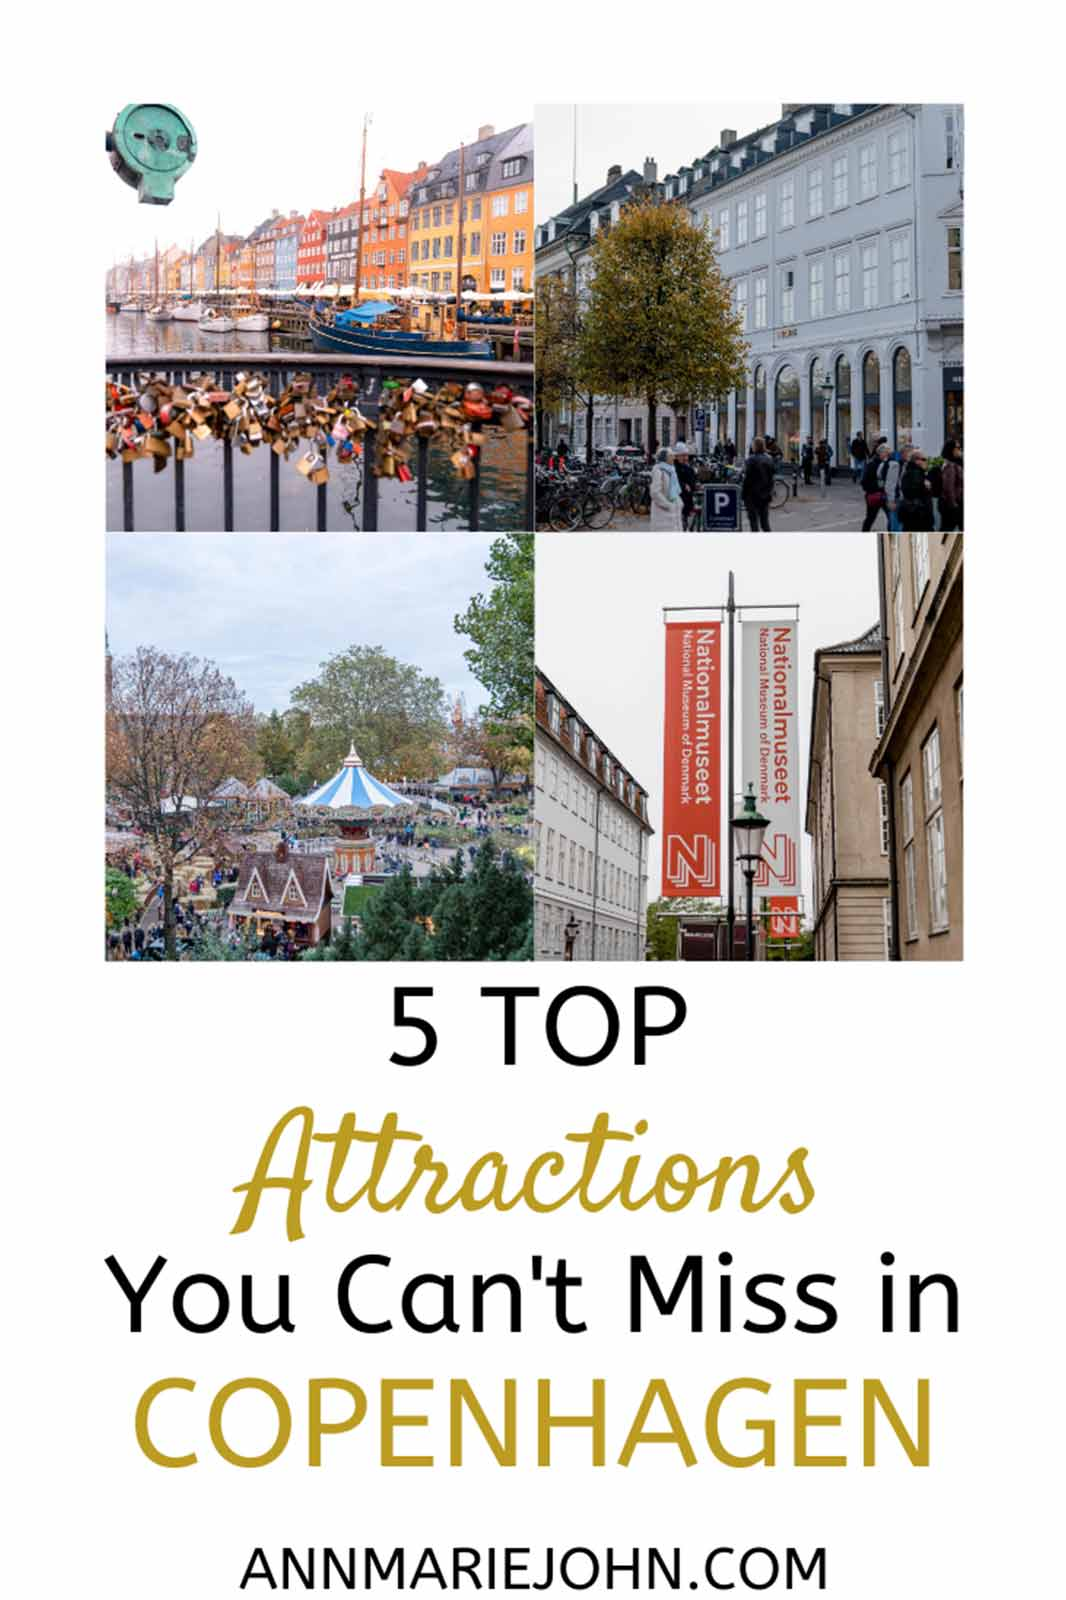 Top 5 Attractions in Copenhagen You Can't Miss!